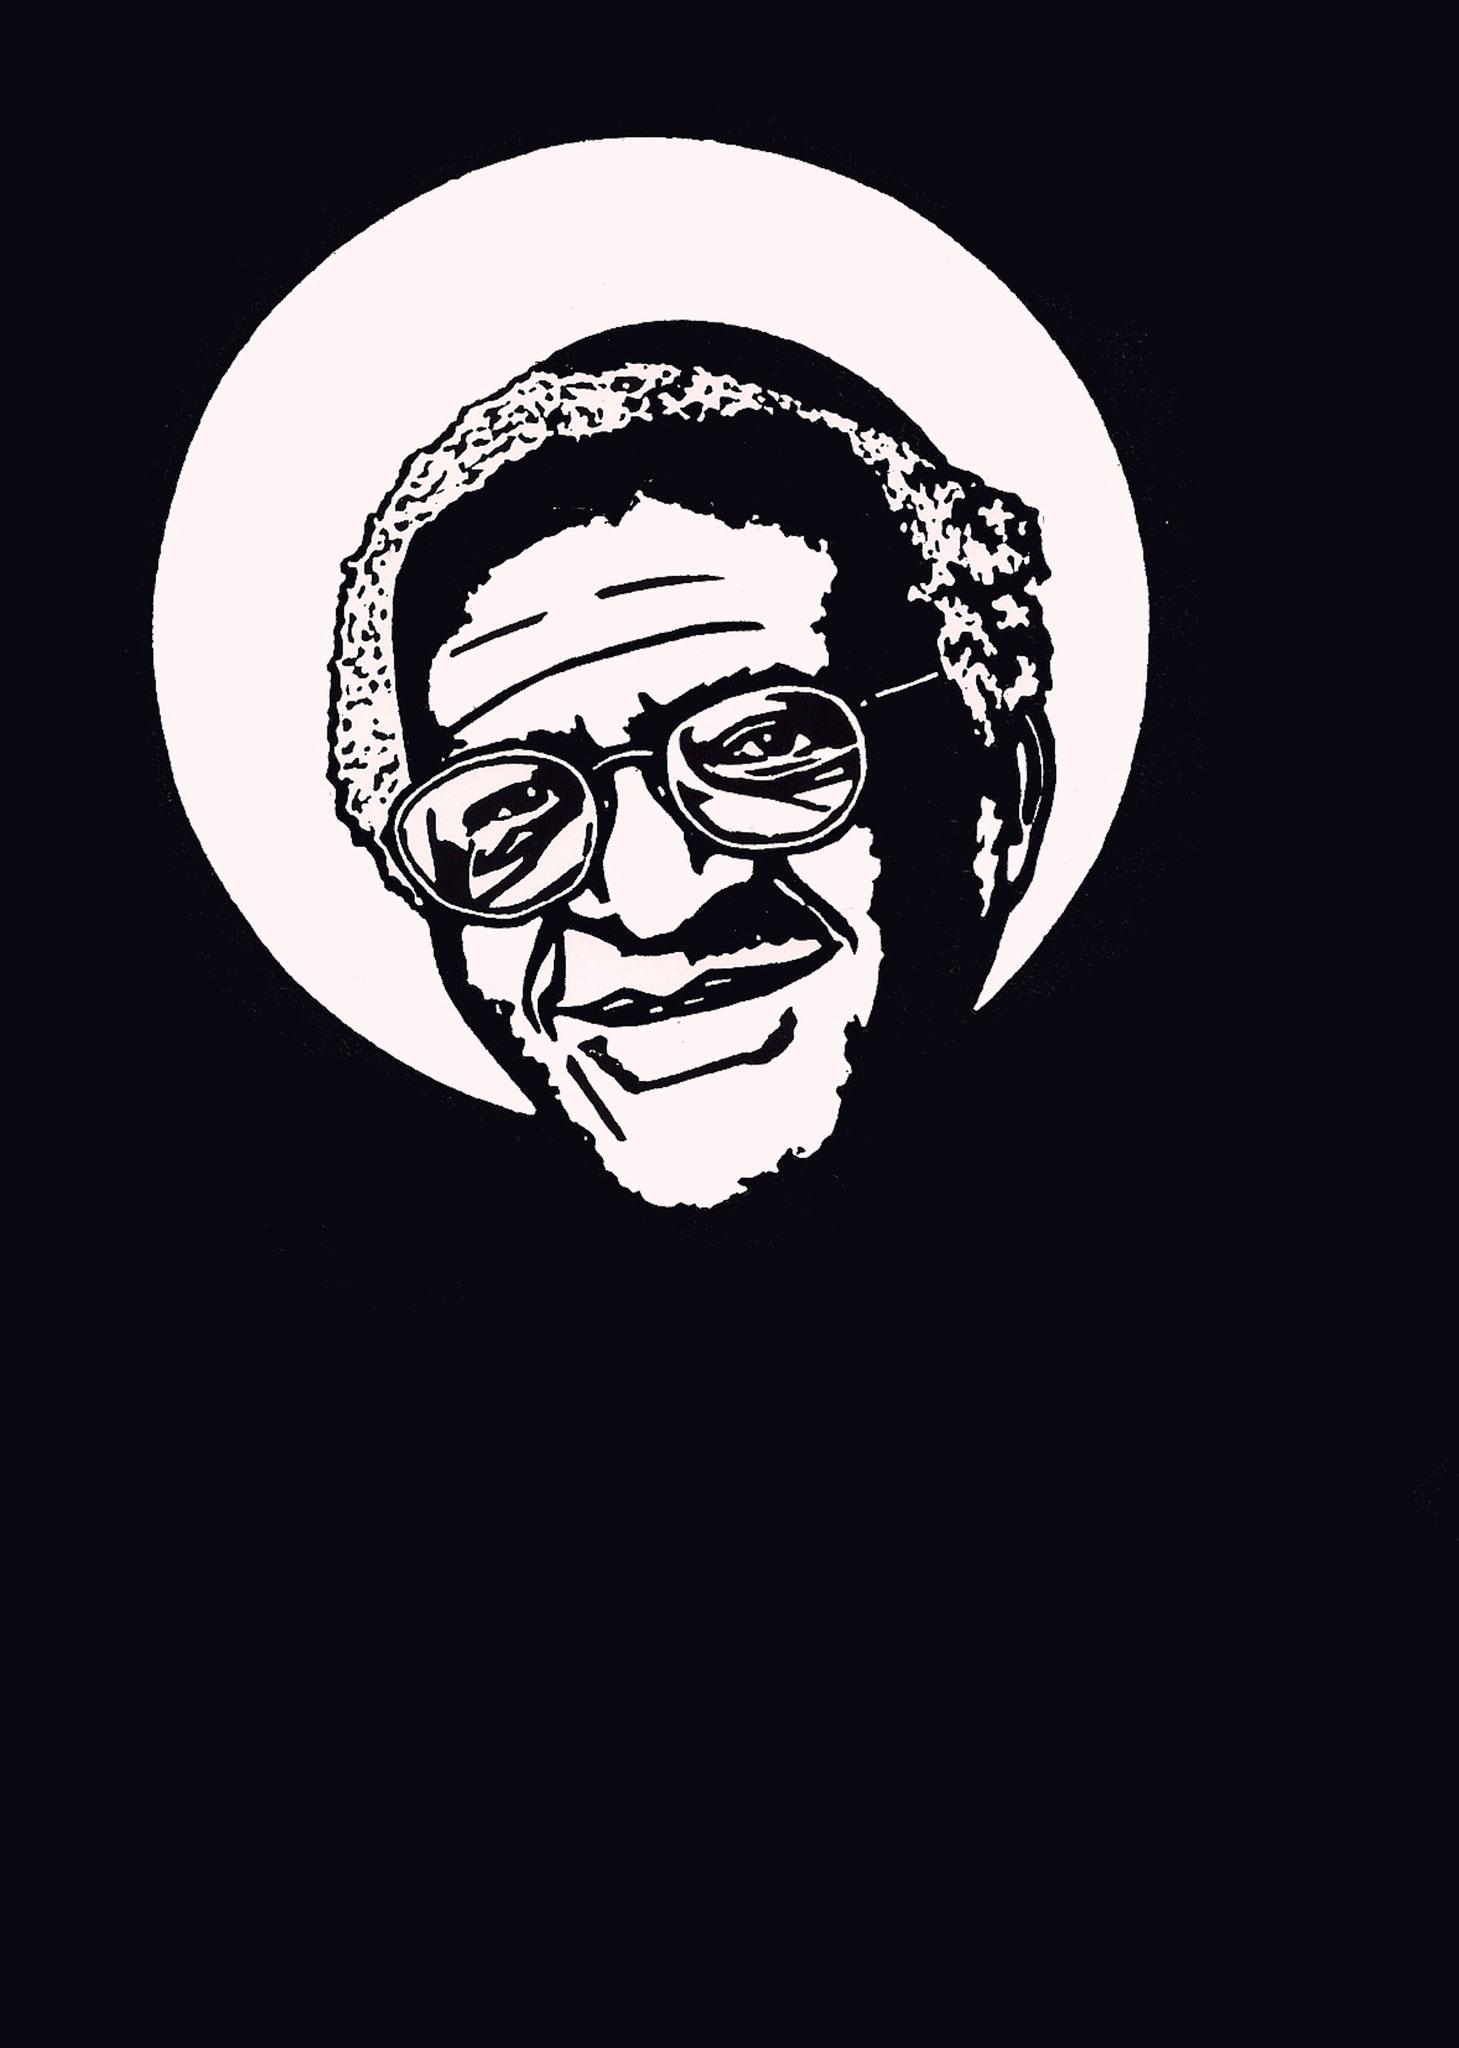 Desmond Tutu, 20/12/2017, Edition 5, A5